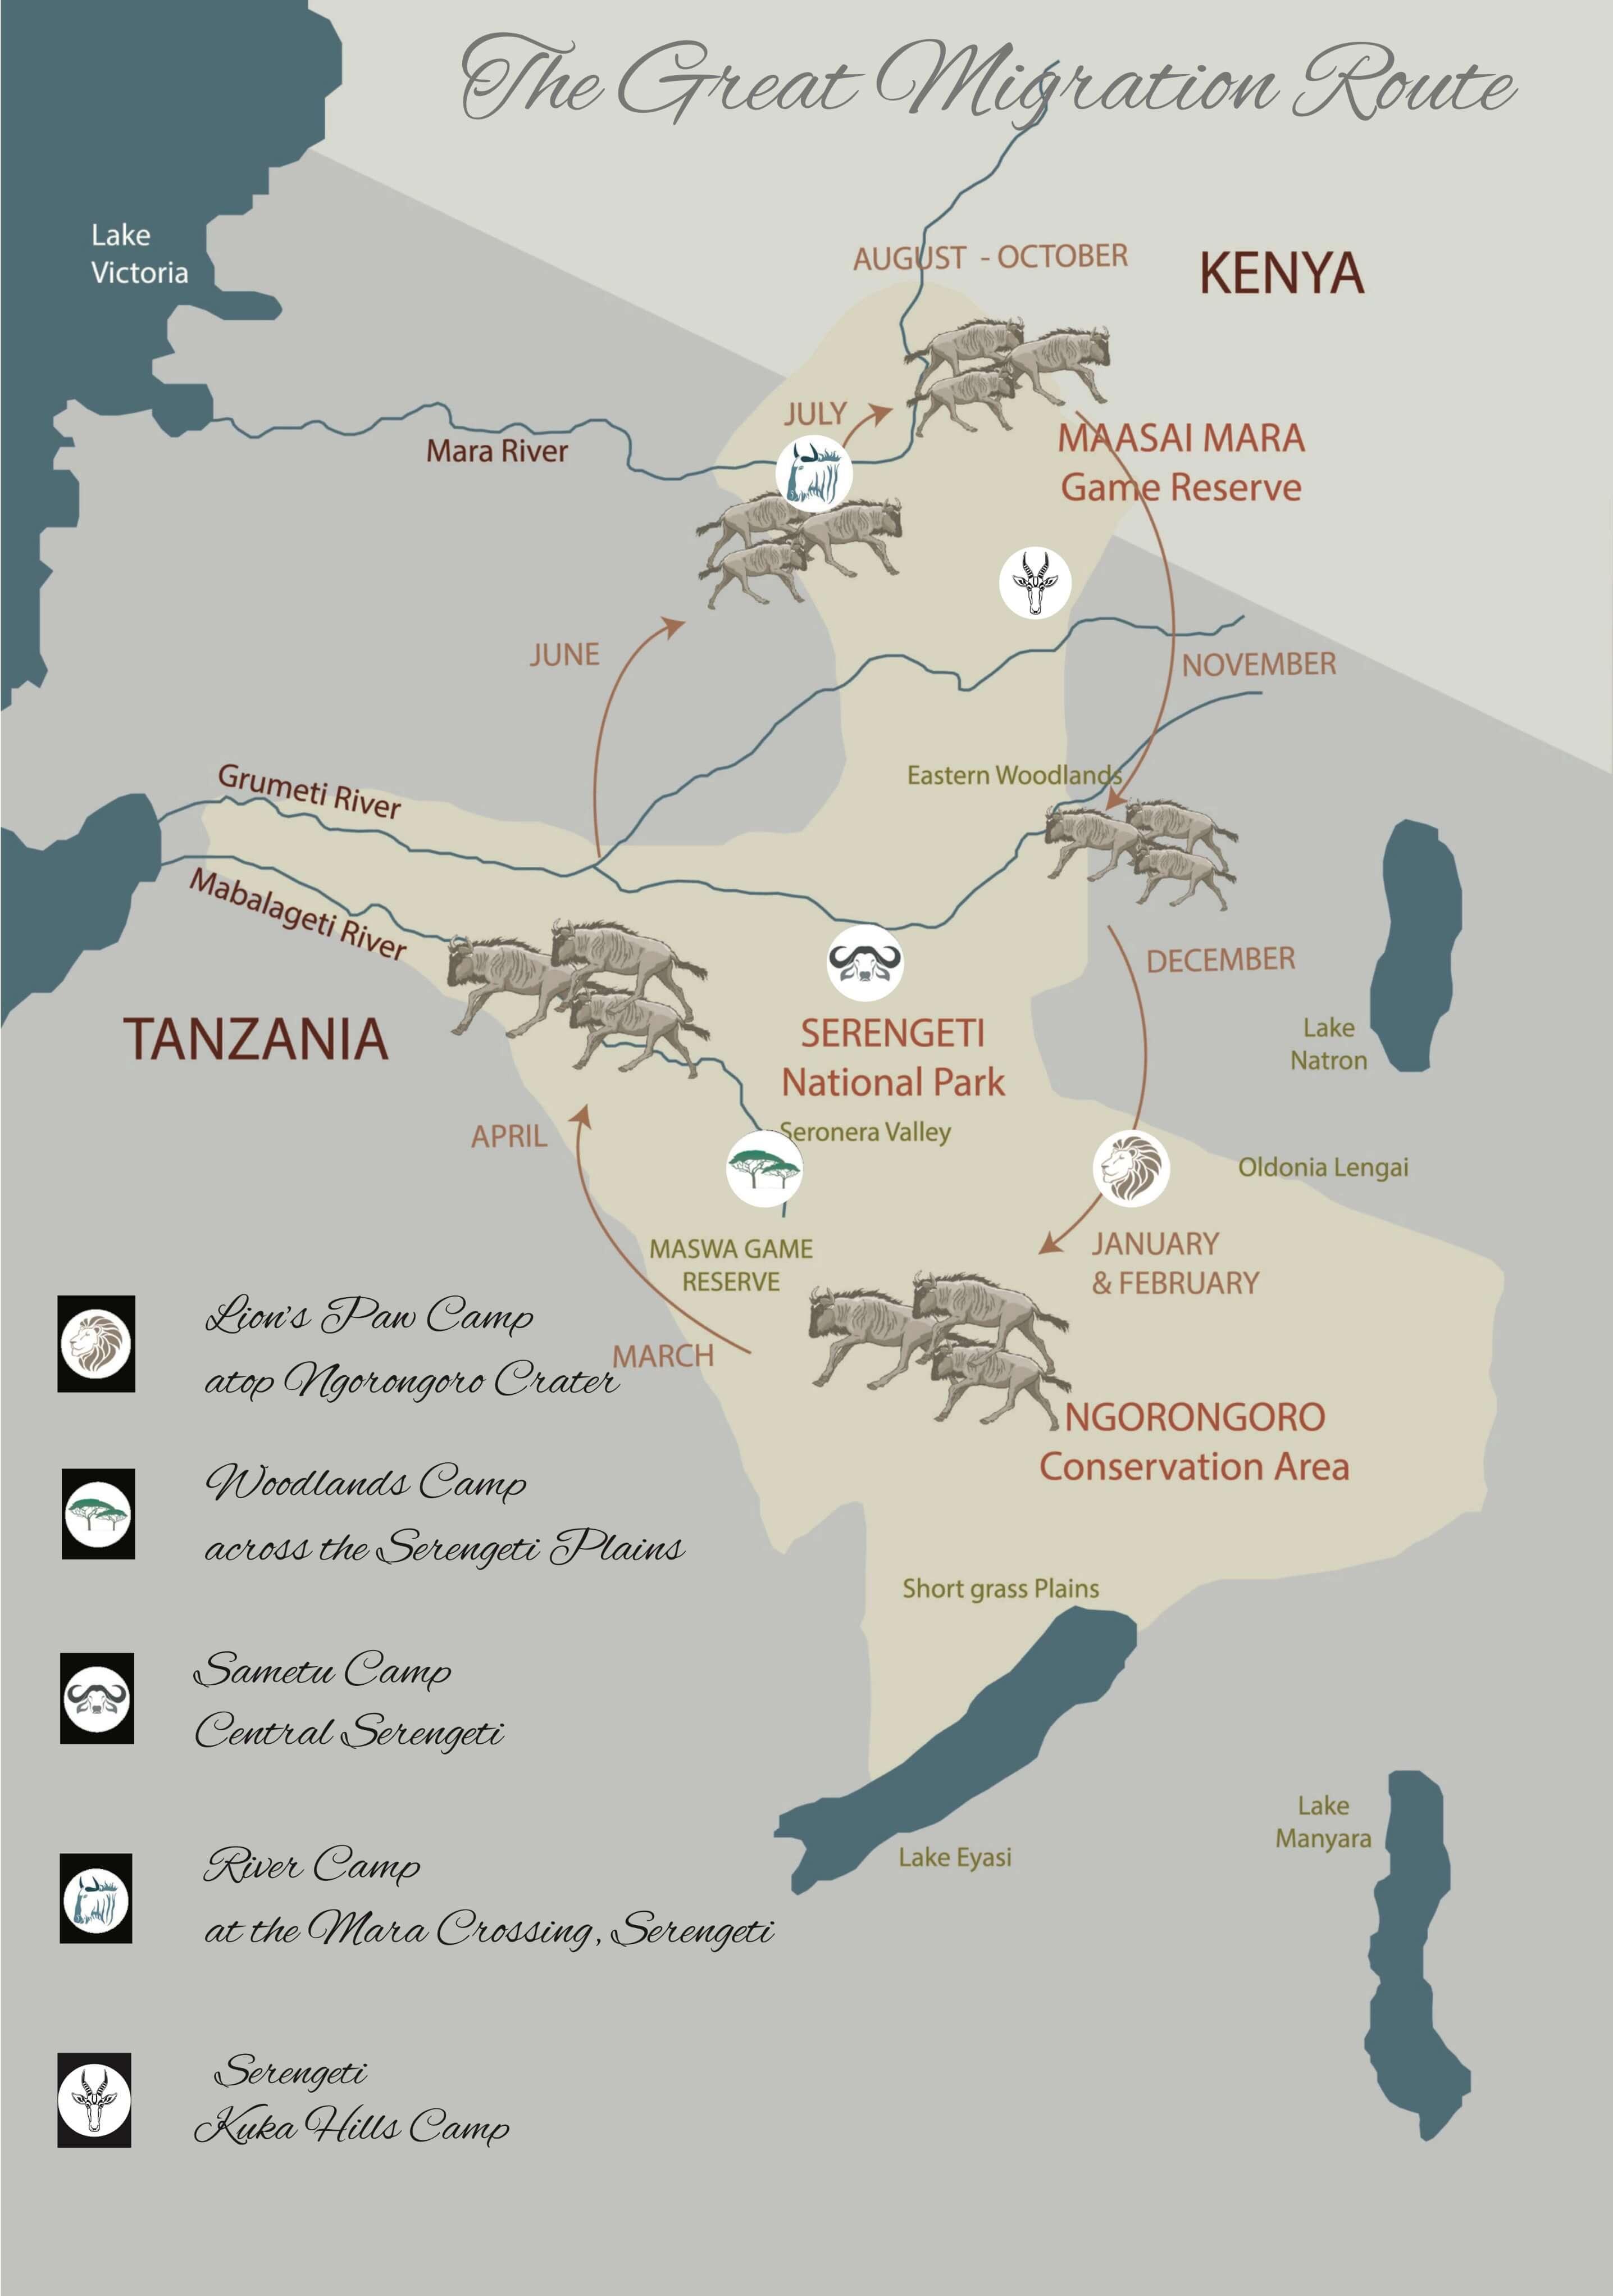 karibu-camps-map